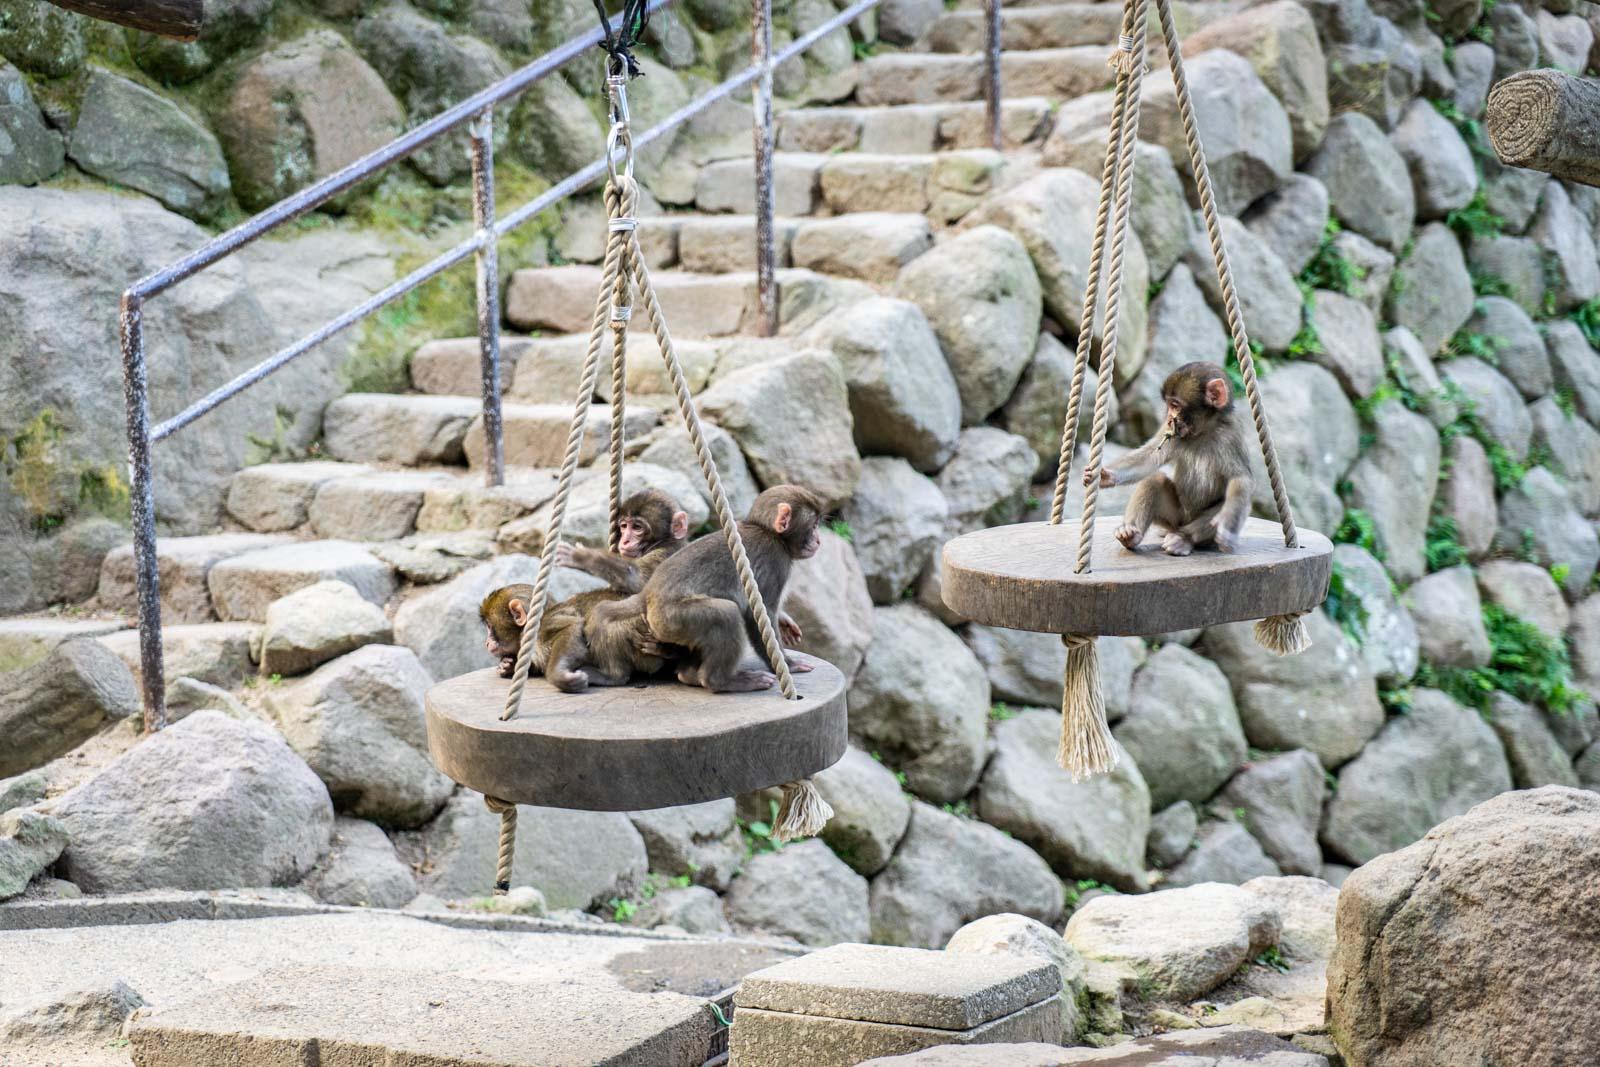 Takasakiyama Monkey Park, Oita, Japan